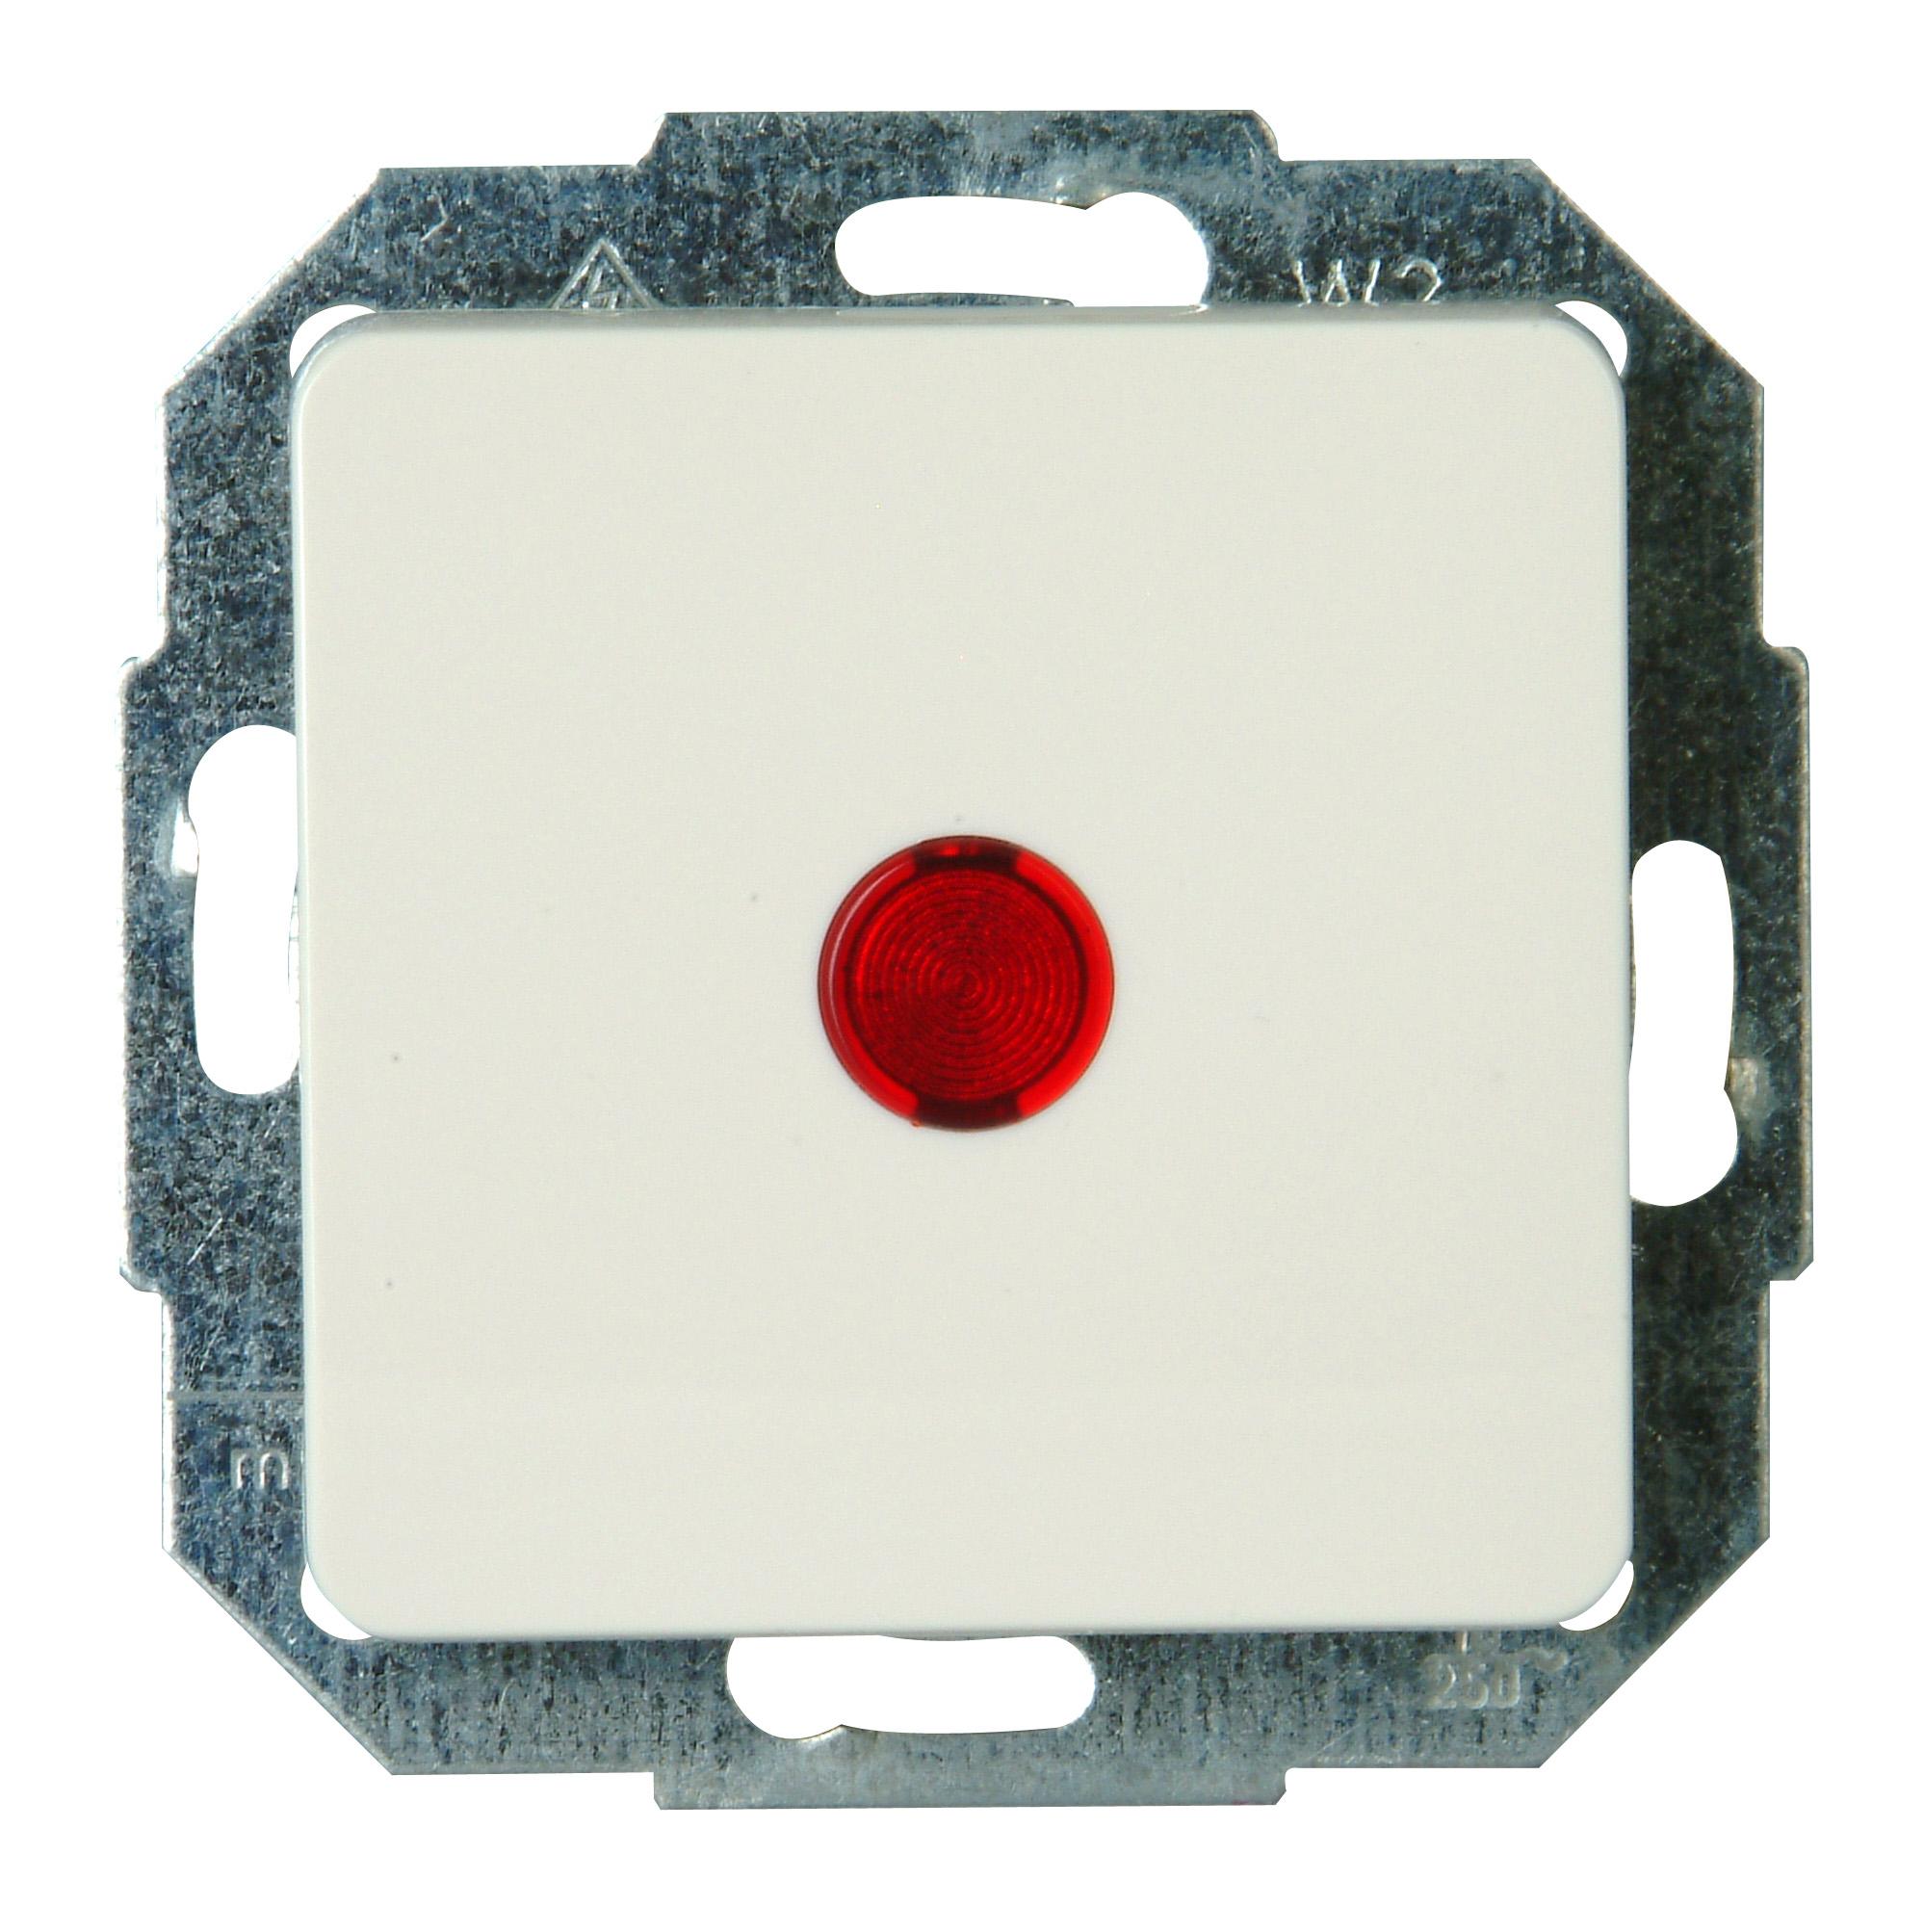 kopp 619671088 milano wei kontrollschalter online kaufen. Black Bedroom Furniture Sets. Home Design Ideas